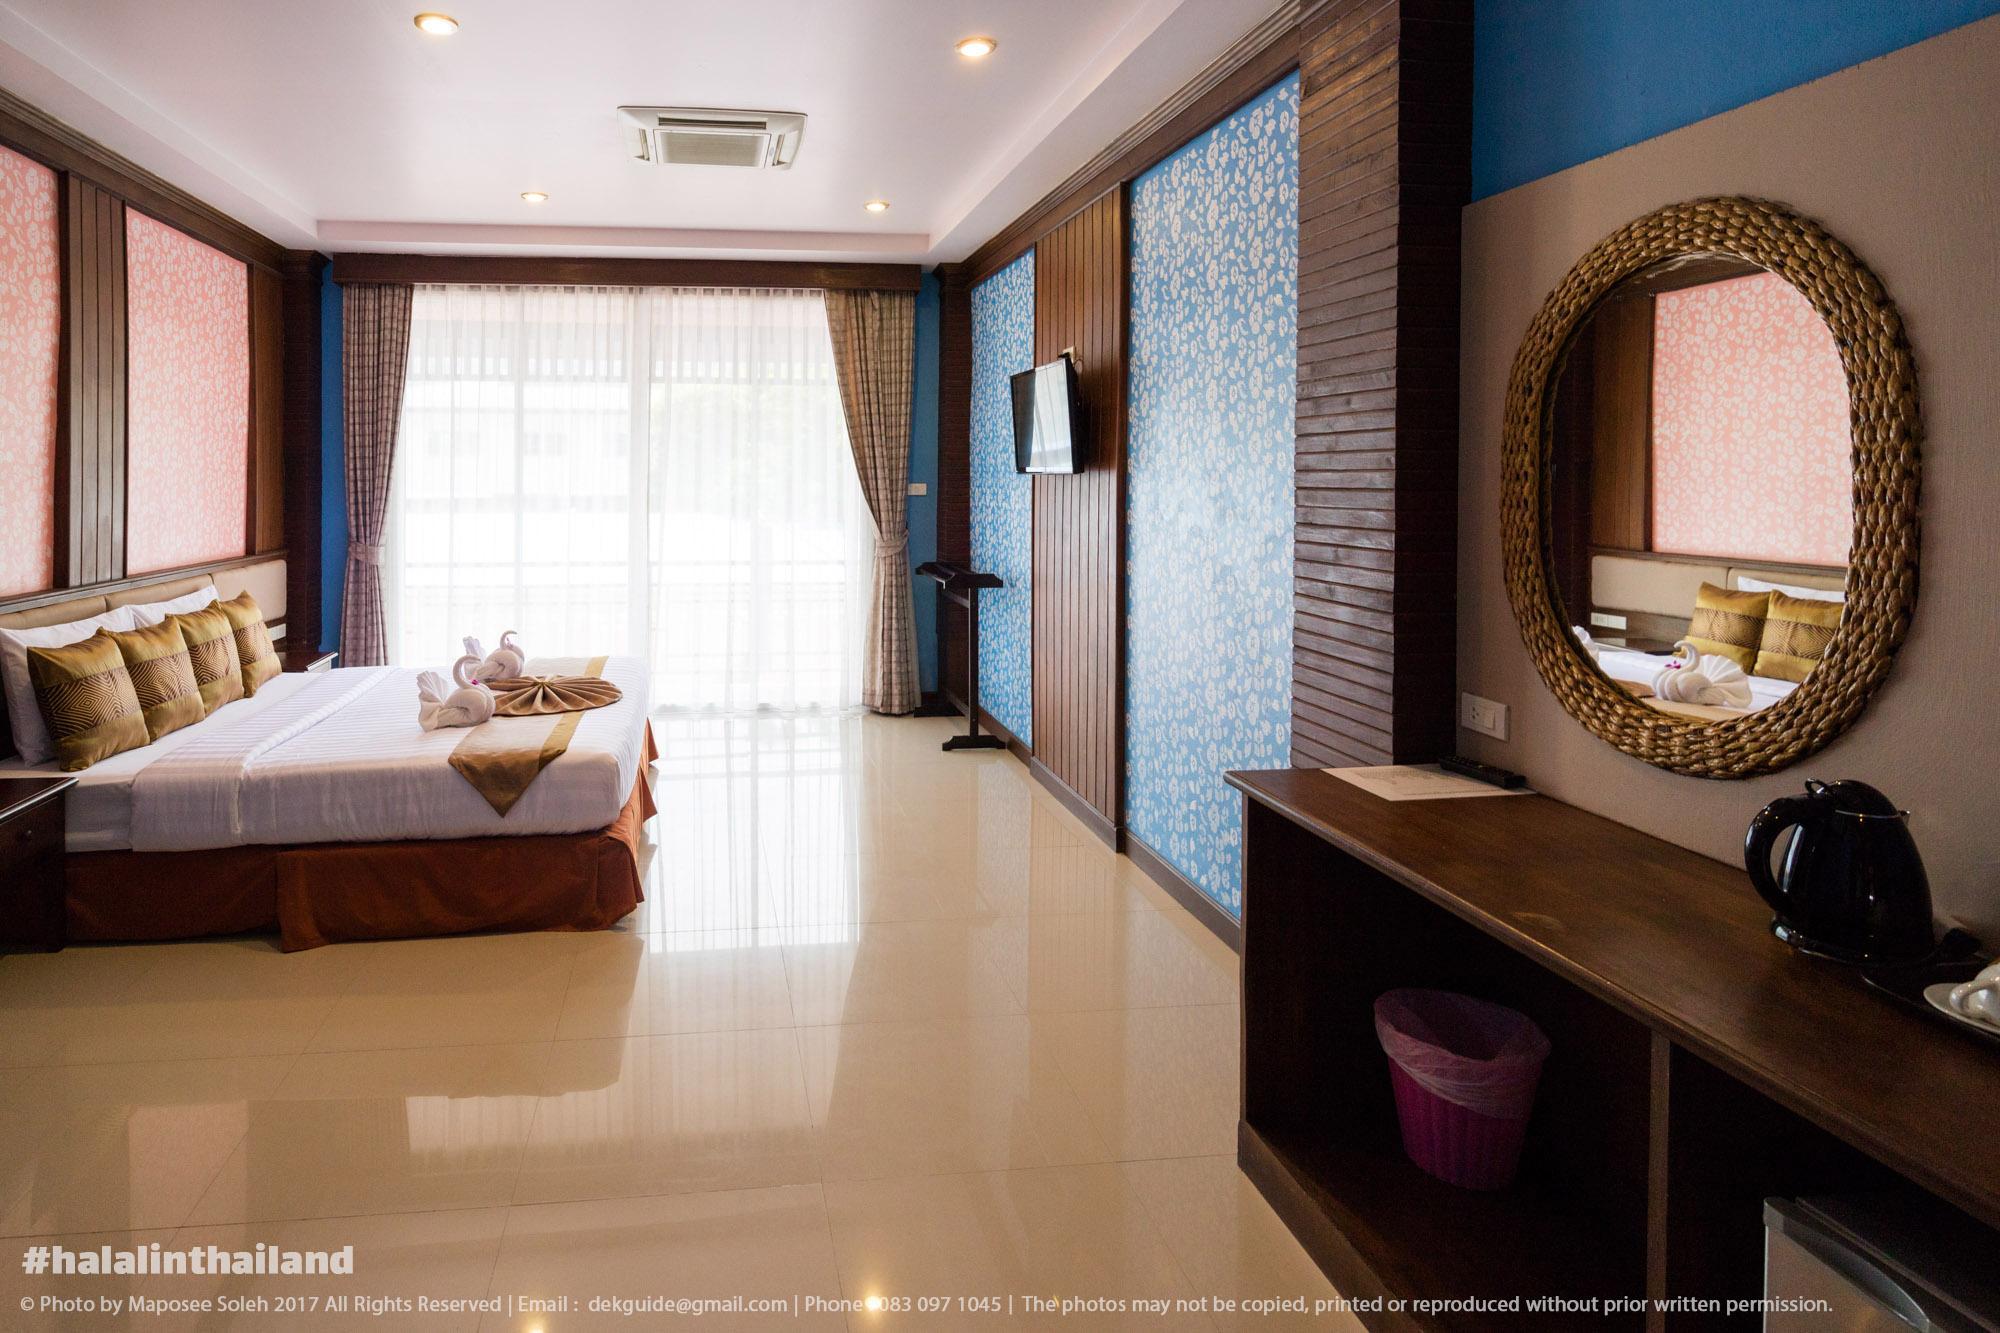 โคโค่ เบลล่า รีสอร์ท Coco Bella Resort โรงแรมฮาลาล